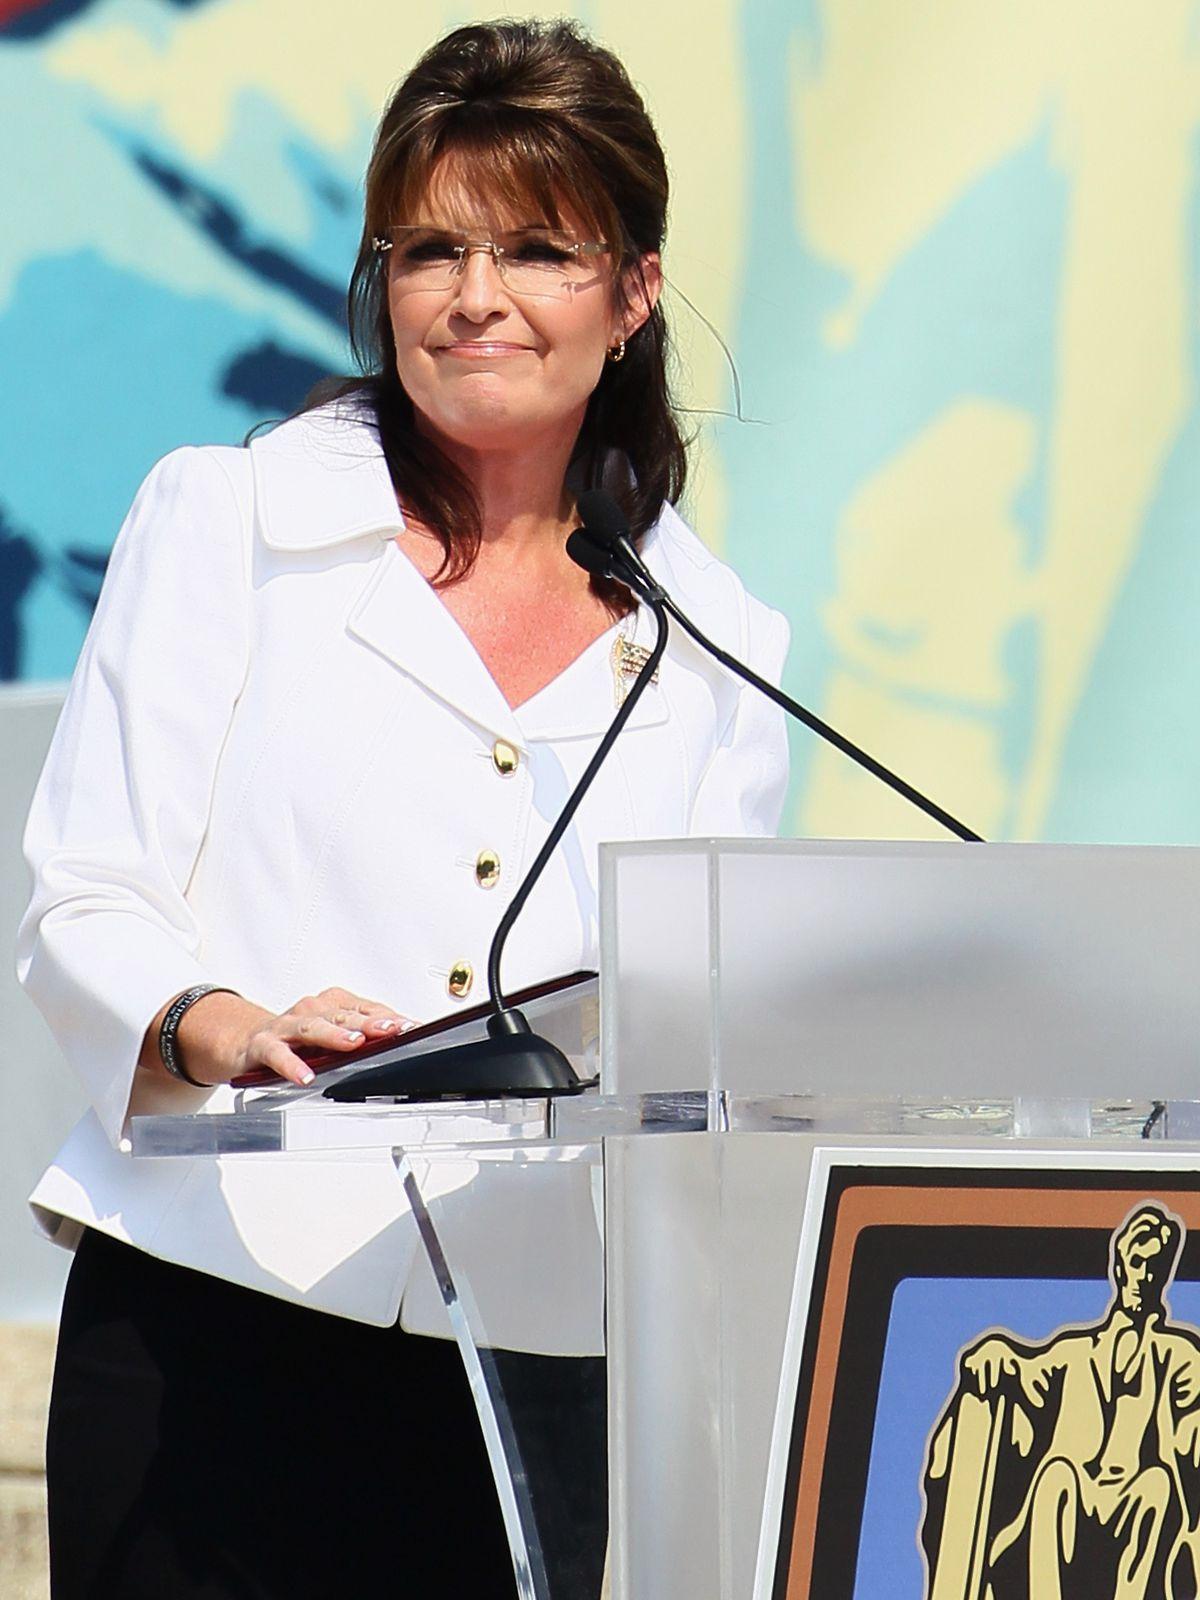 Sarah Palin, at the 'Restoring Honor' Rally At Lincoln Memorial, sponsored by Glenn Beck